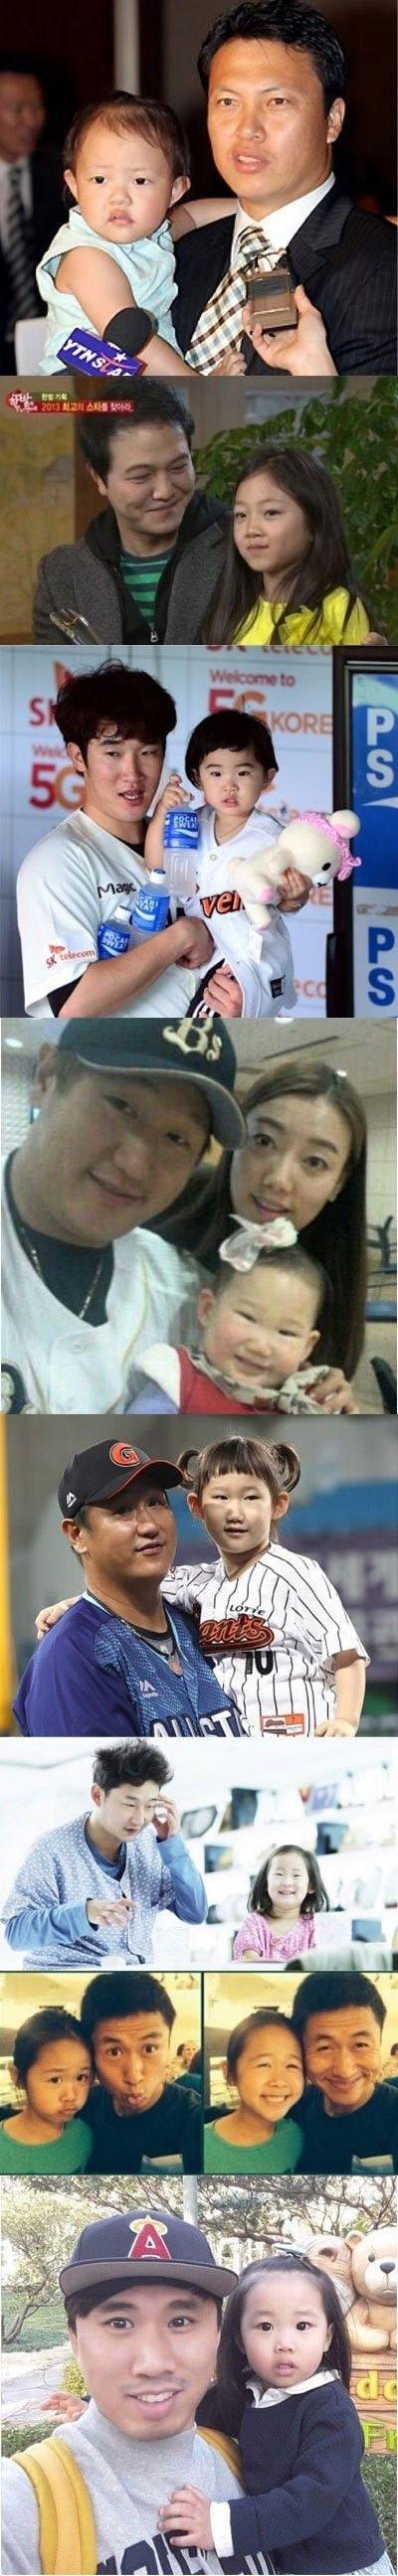 첫째딸은 아빠 닮는다는 설.jpg